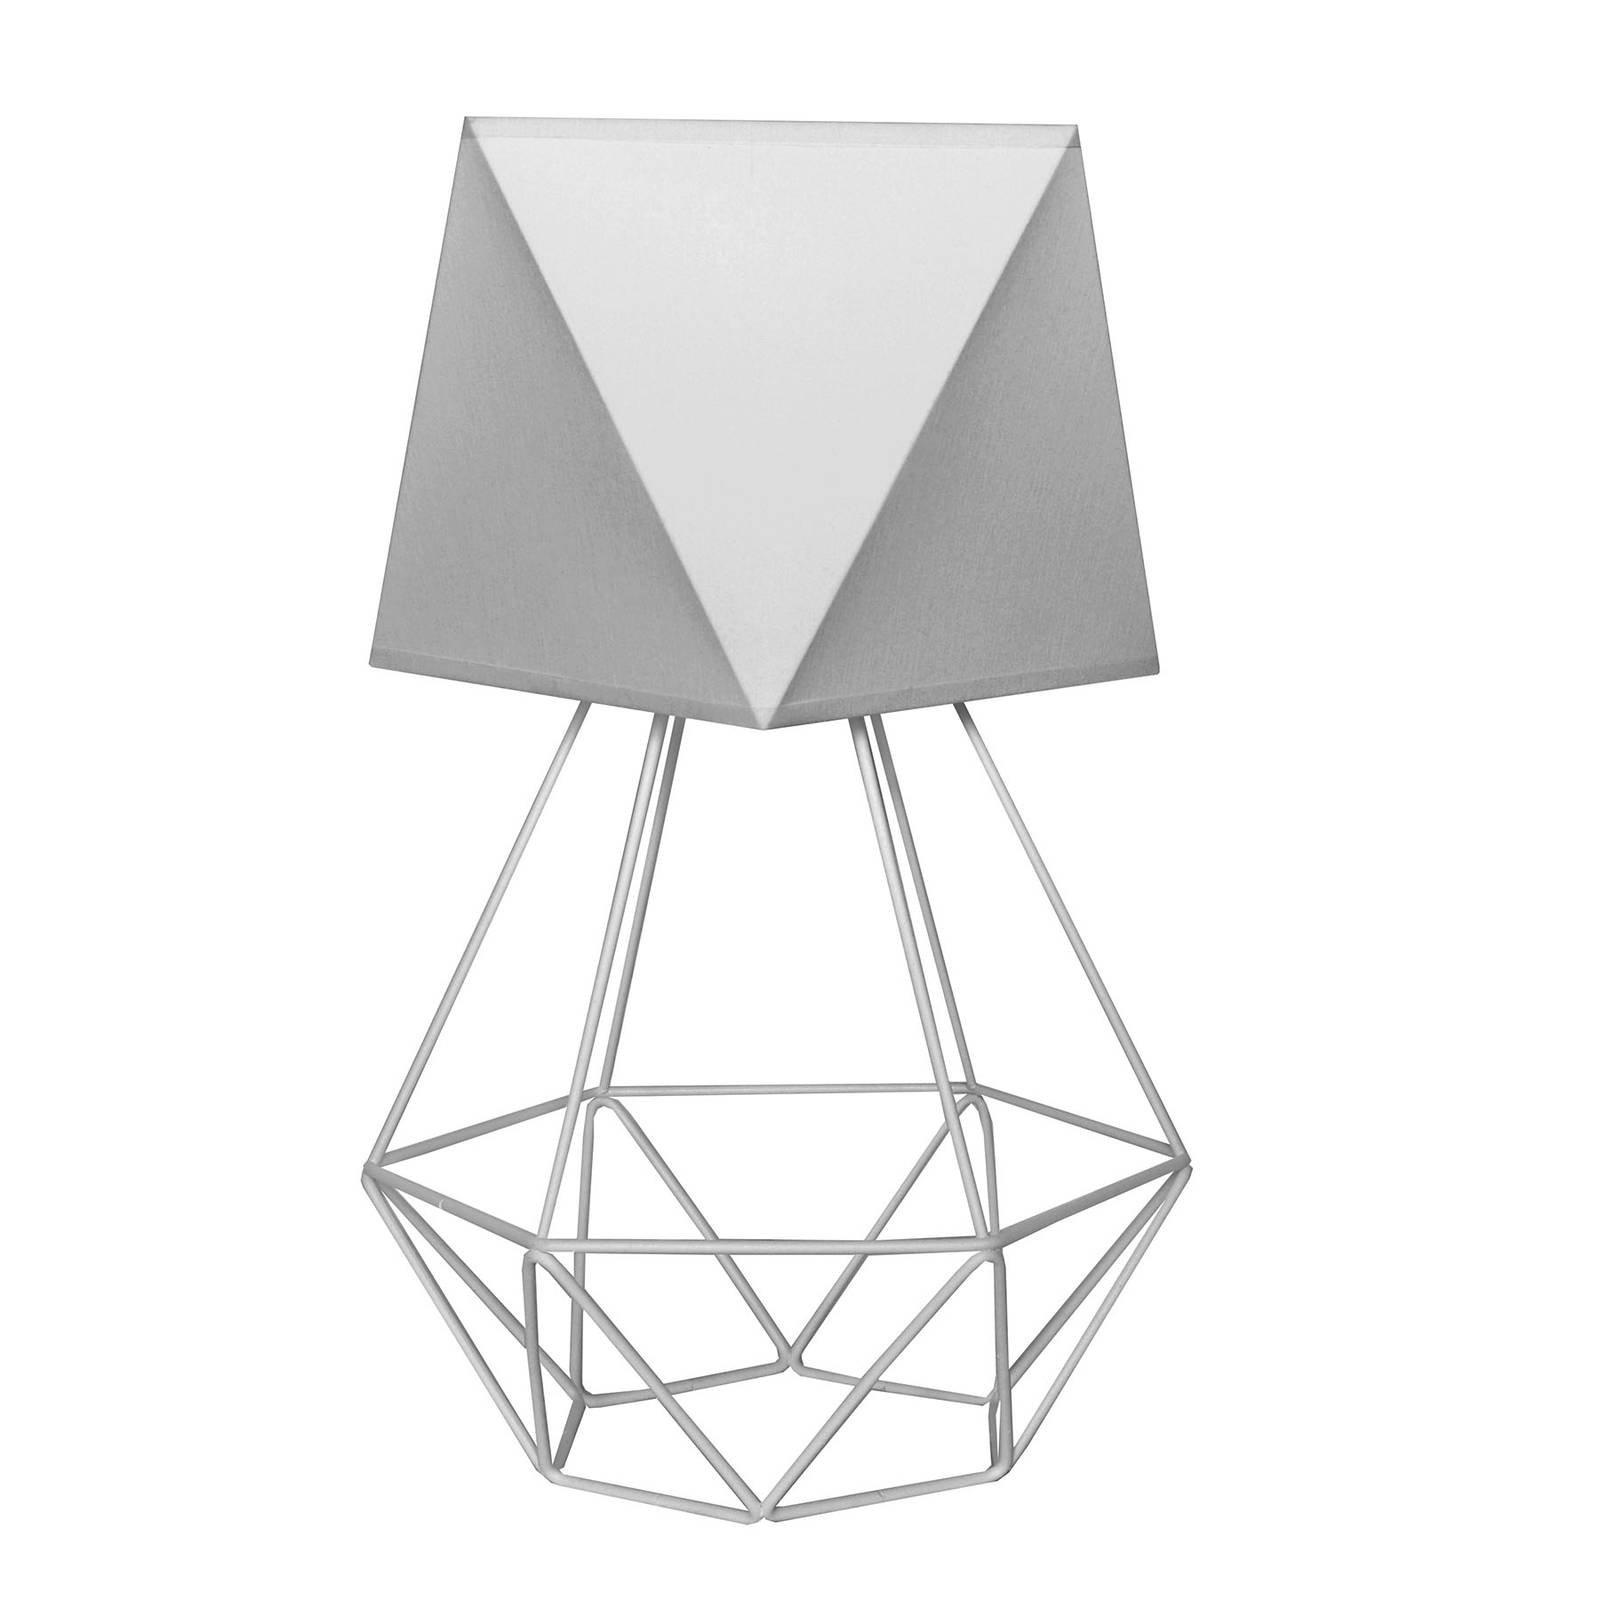 Bordlampe Karo med burfot, høyde 57 cm, grå